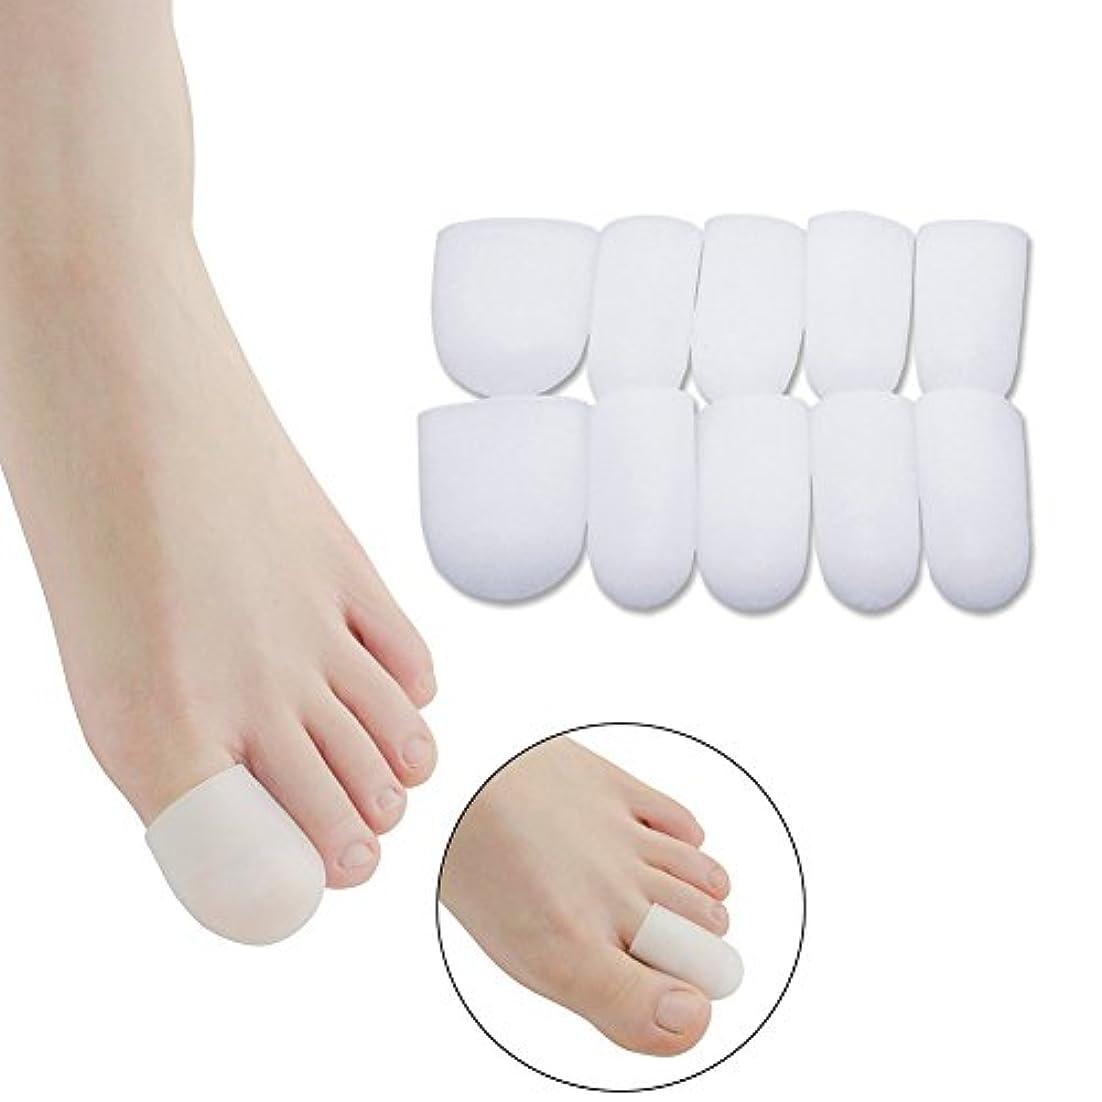 神話性格第TINYPONY 爪先保護カバー シリコン 摩擦対策 痛み緩和 つま先プロテクター 足指保護キャップ 足用保護パッド 5組みセット